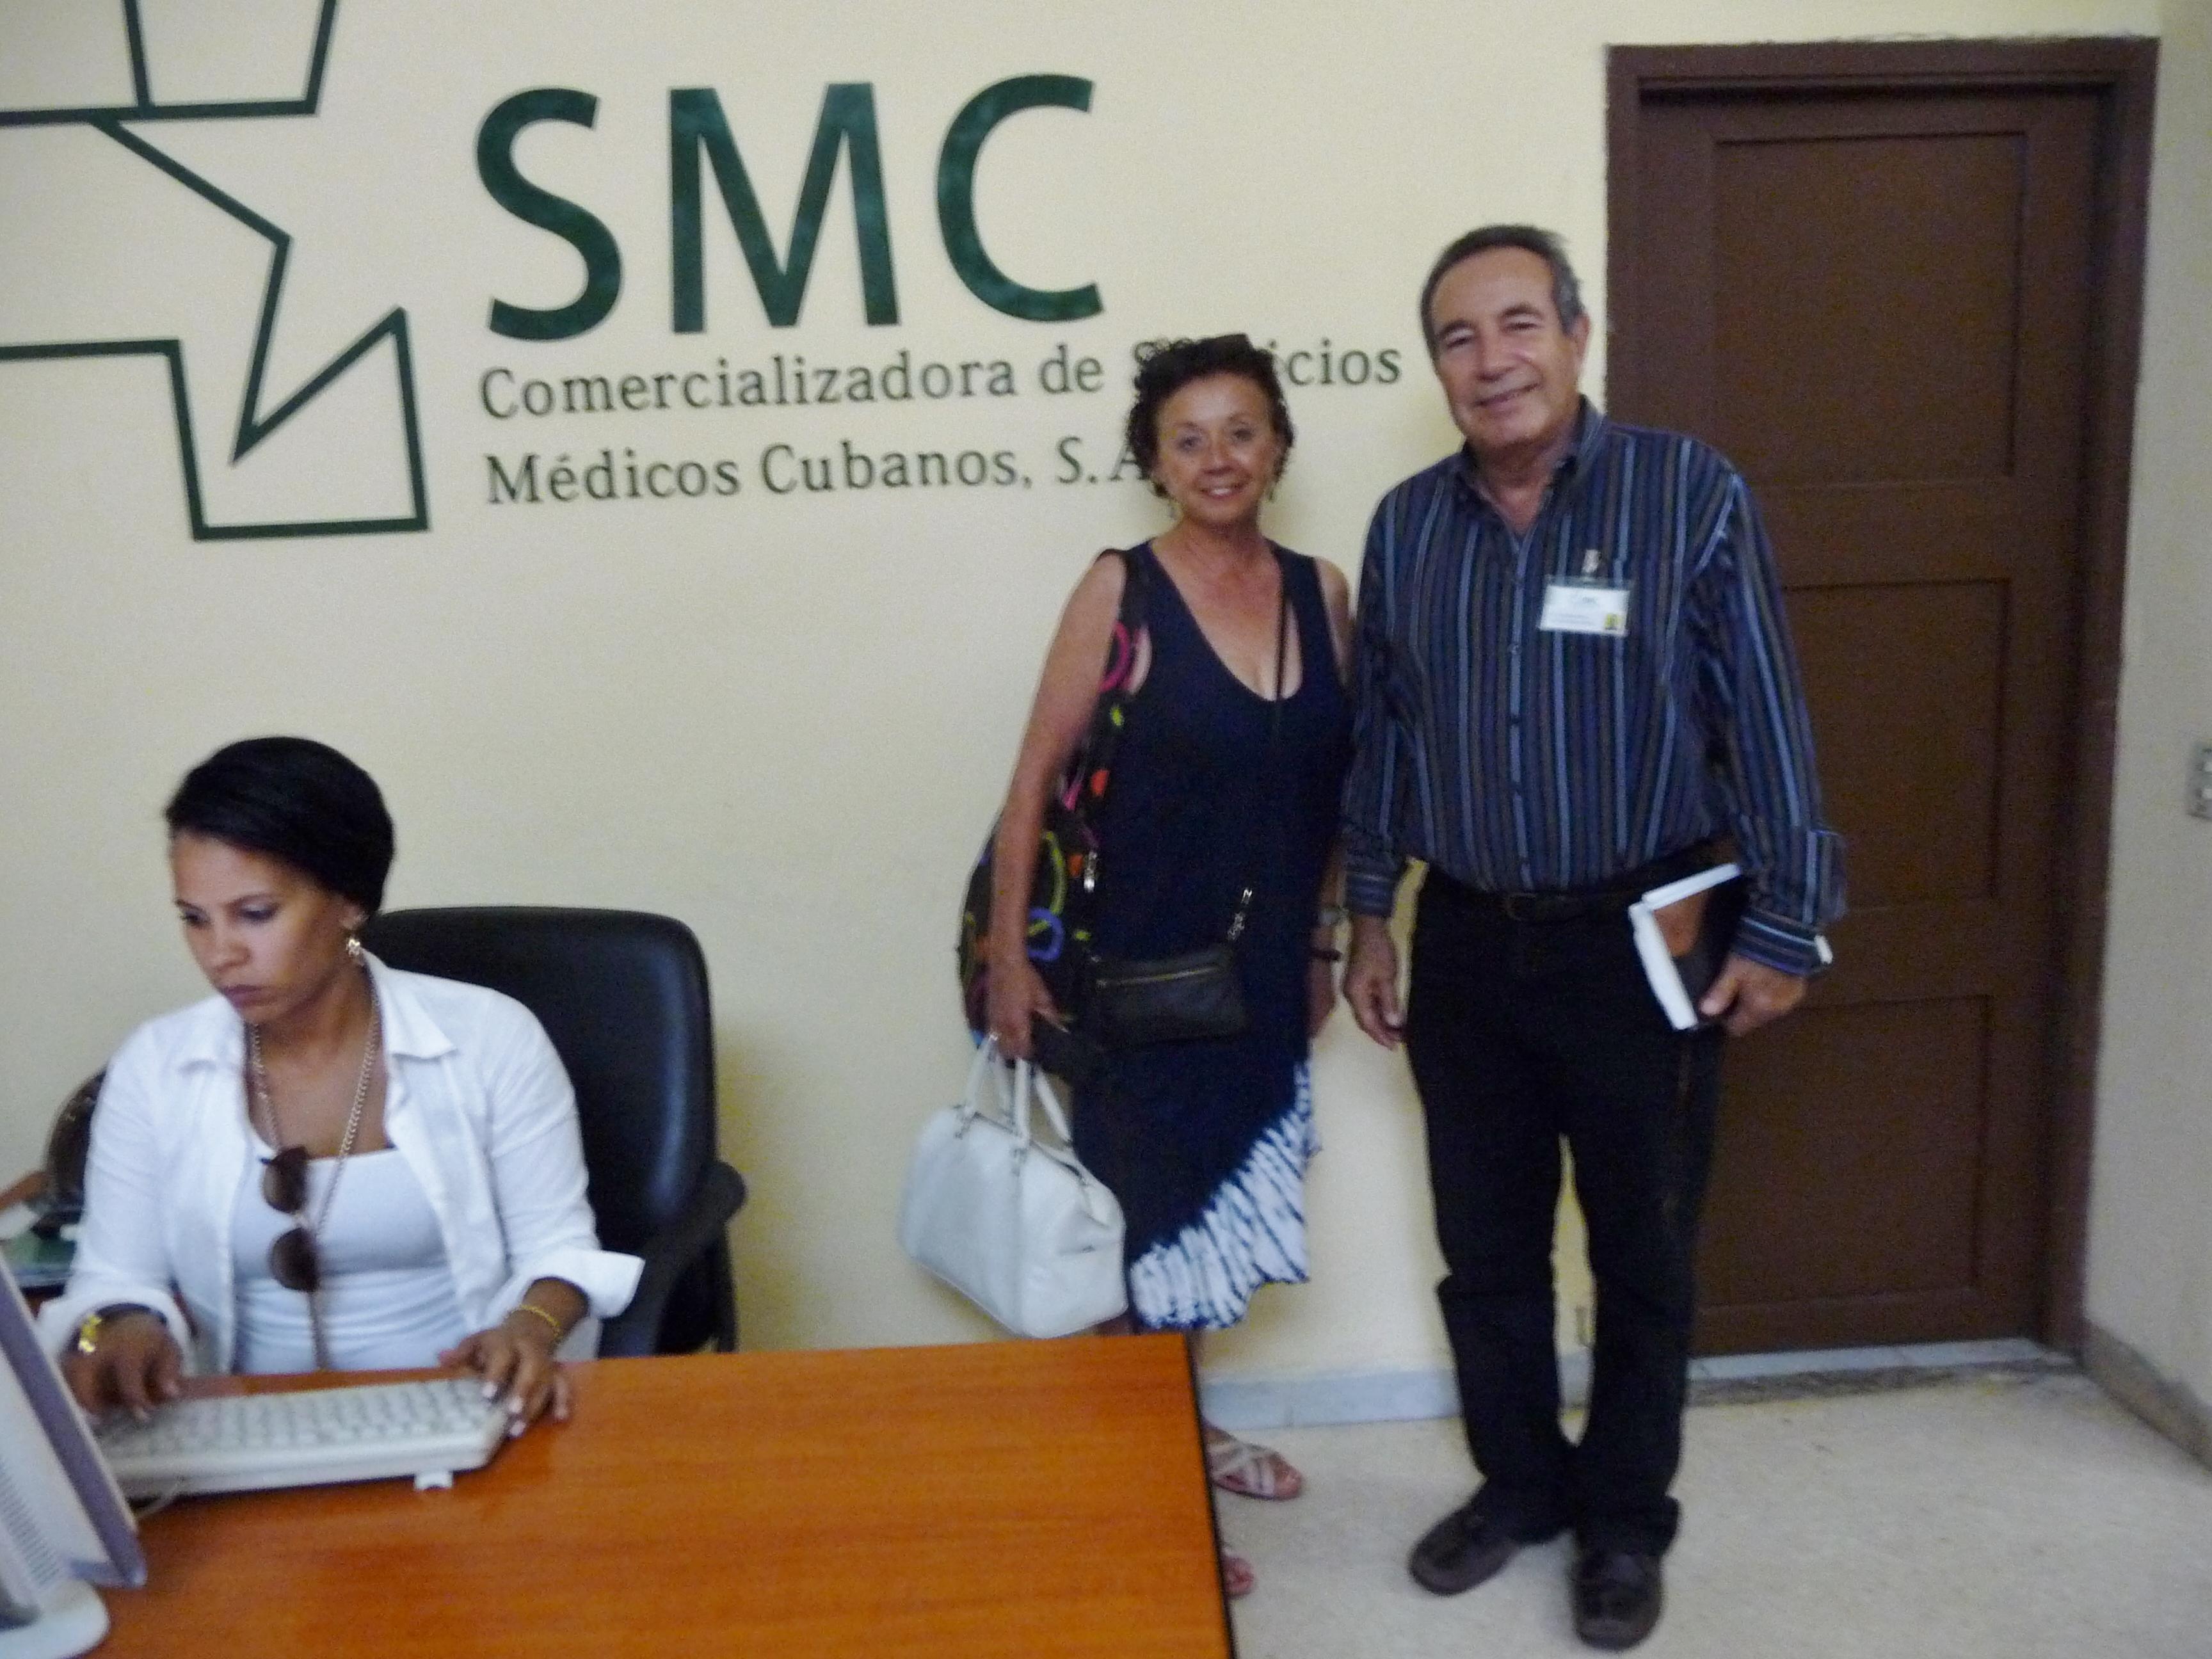 Servicos Medicos Cubanos